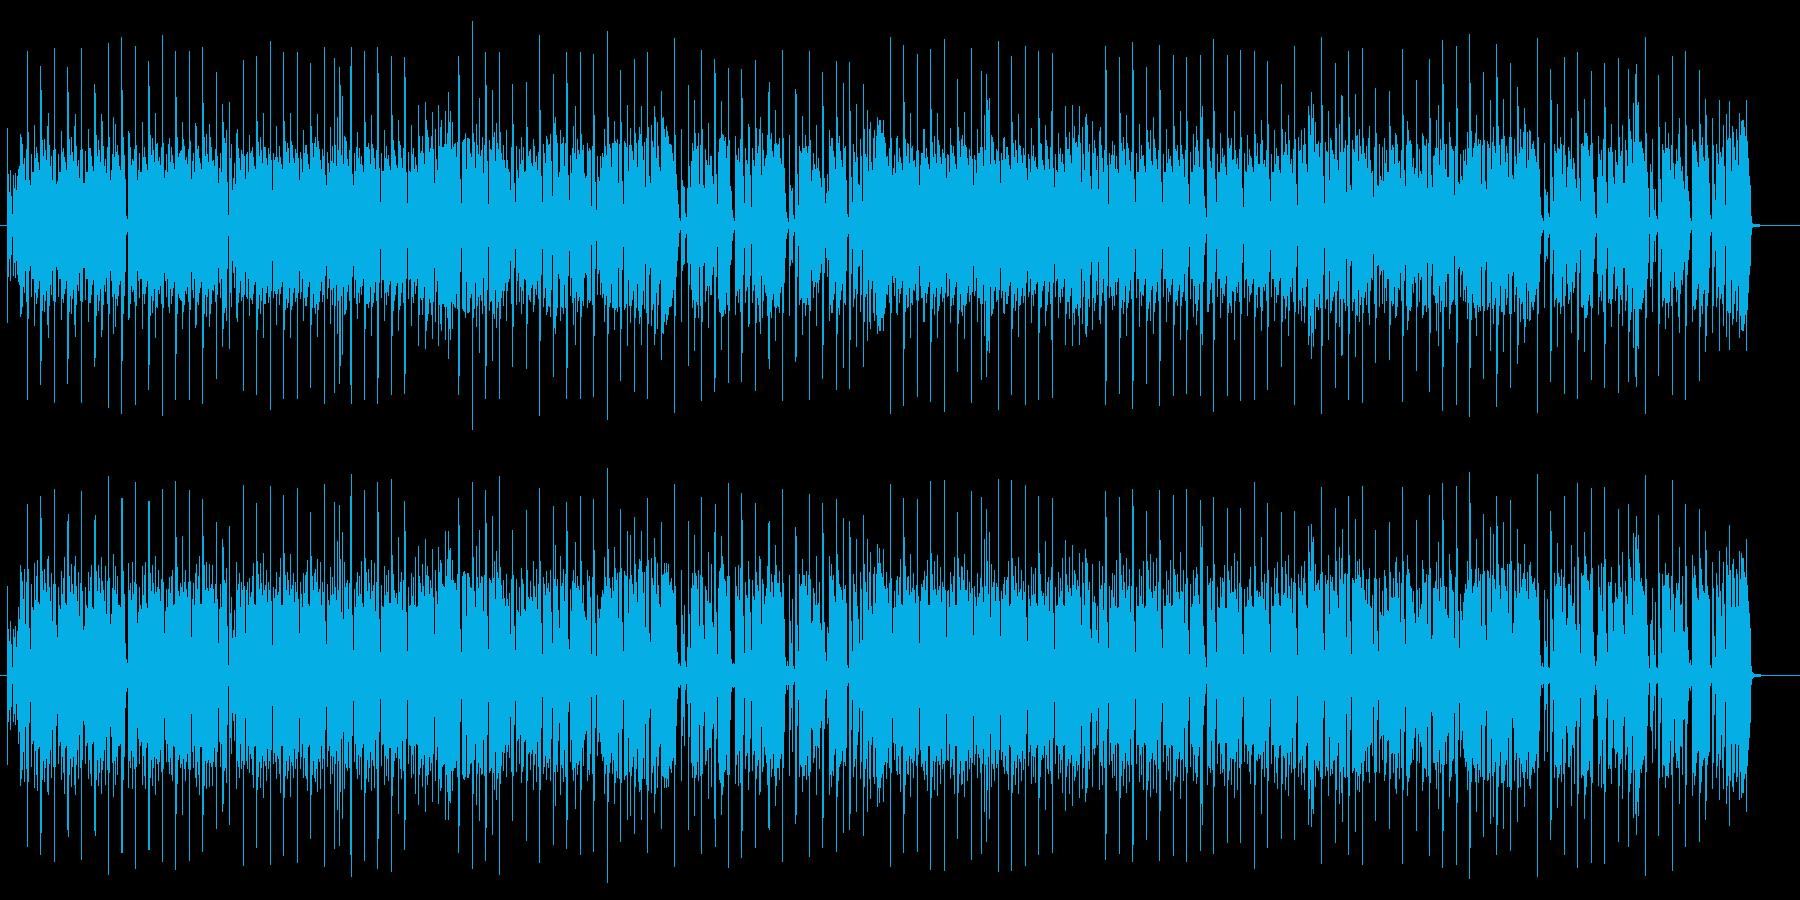 ドラムの重低音が効いた4つ打ちの曲の再生済みの波形